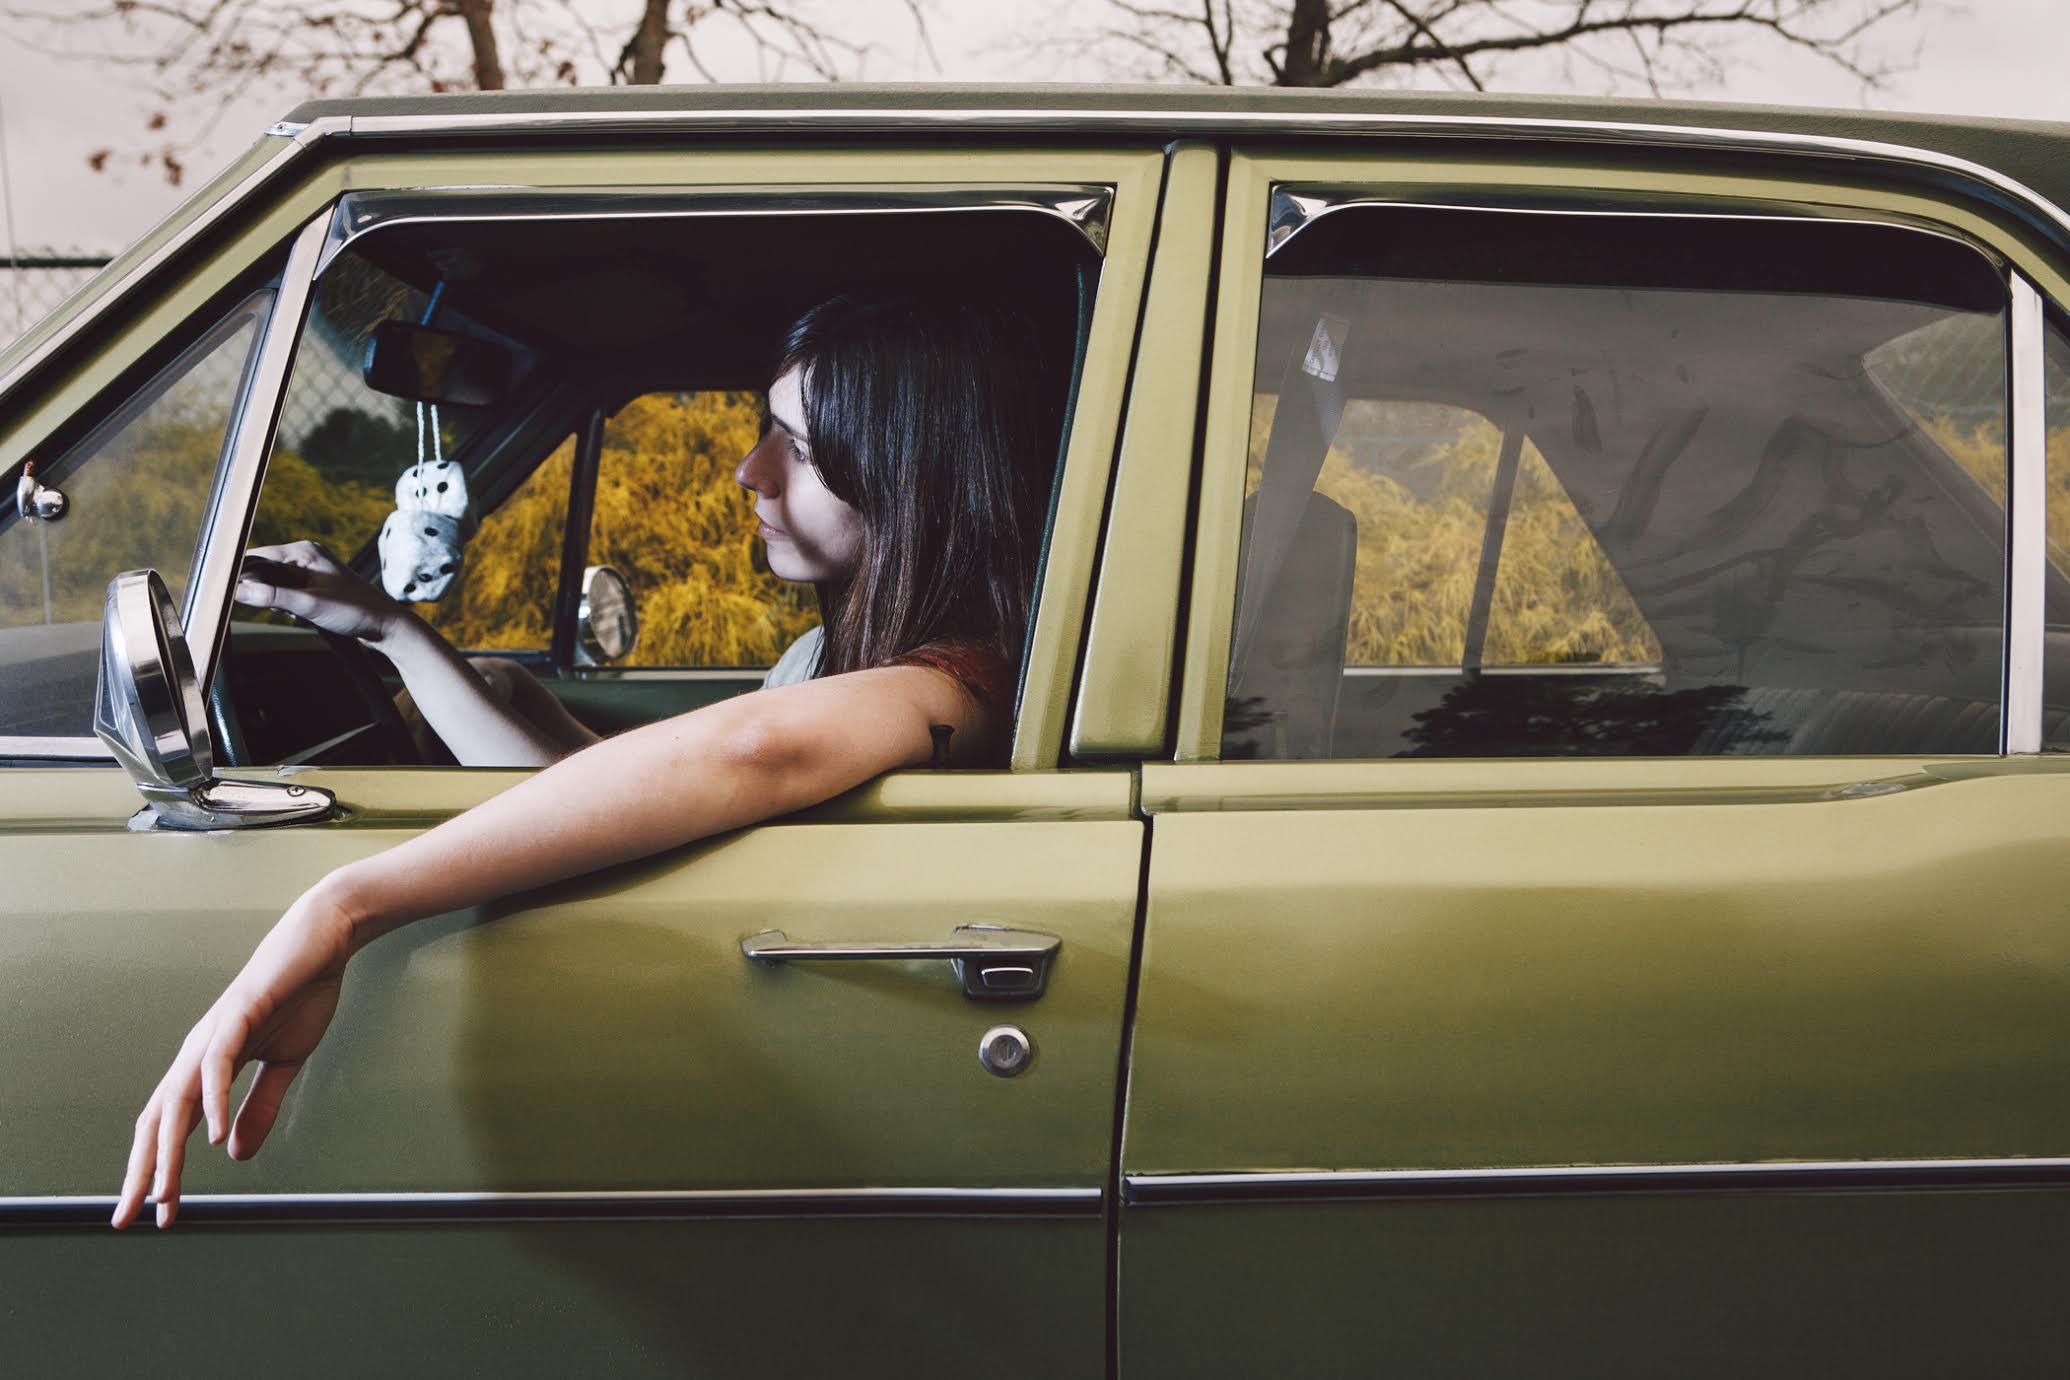 NADINE GIRL IN CAR.jpg